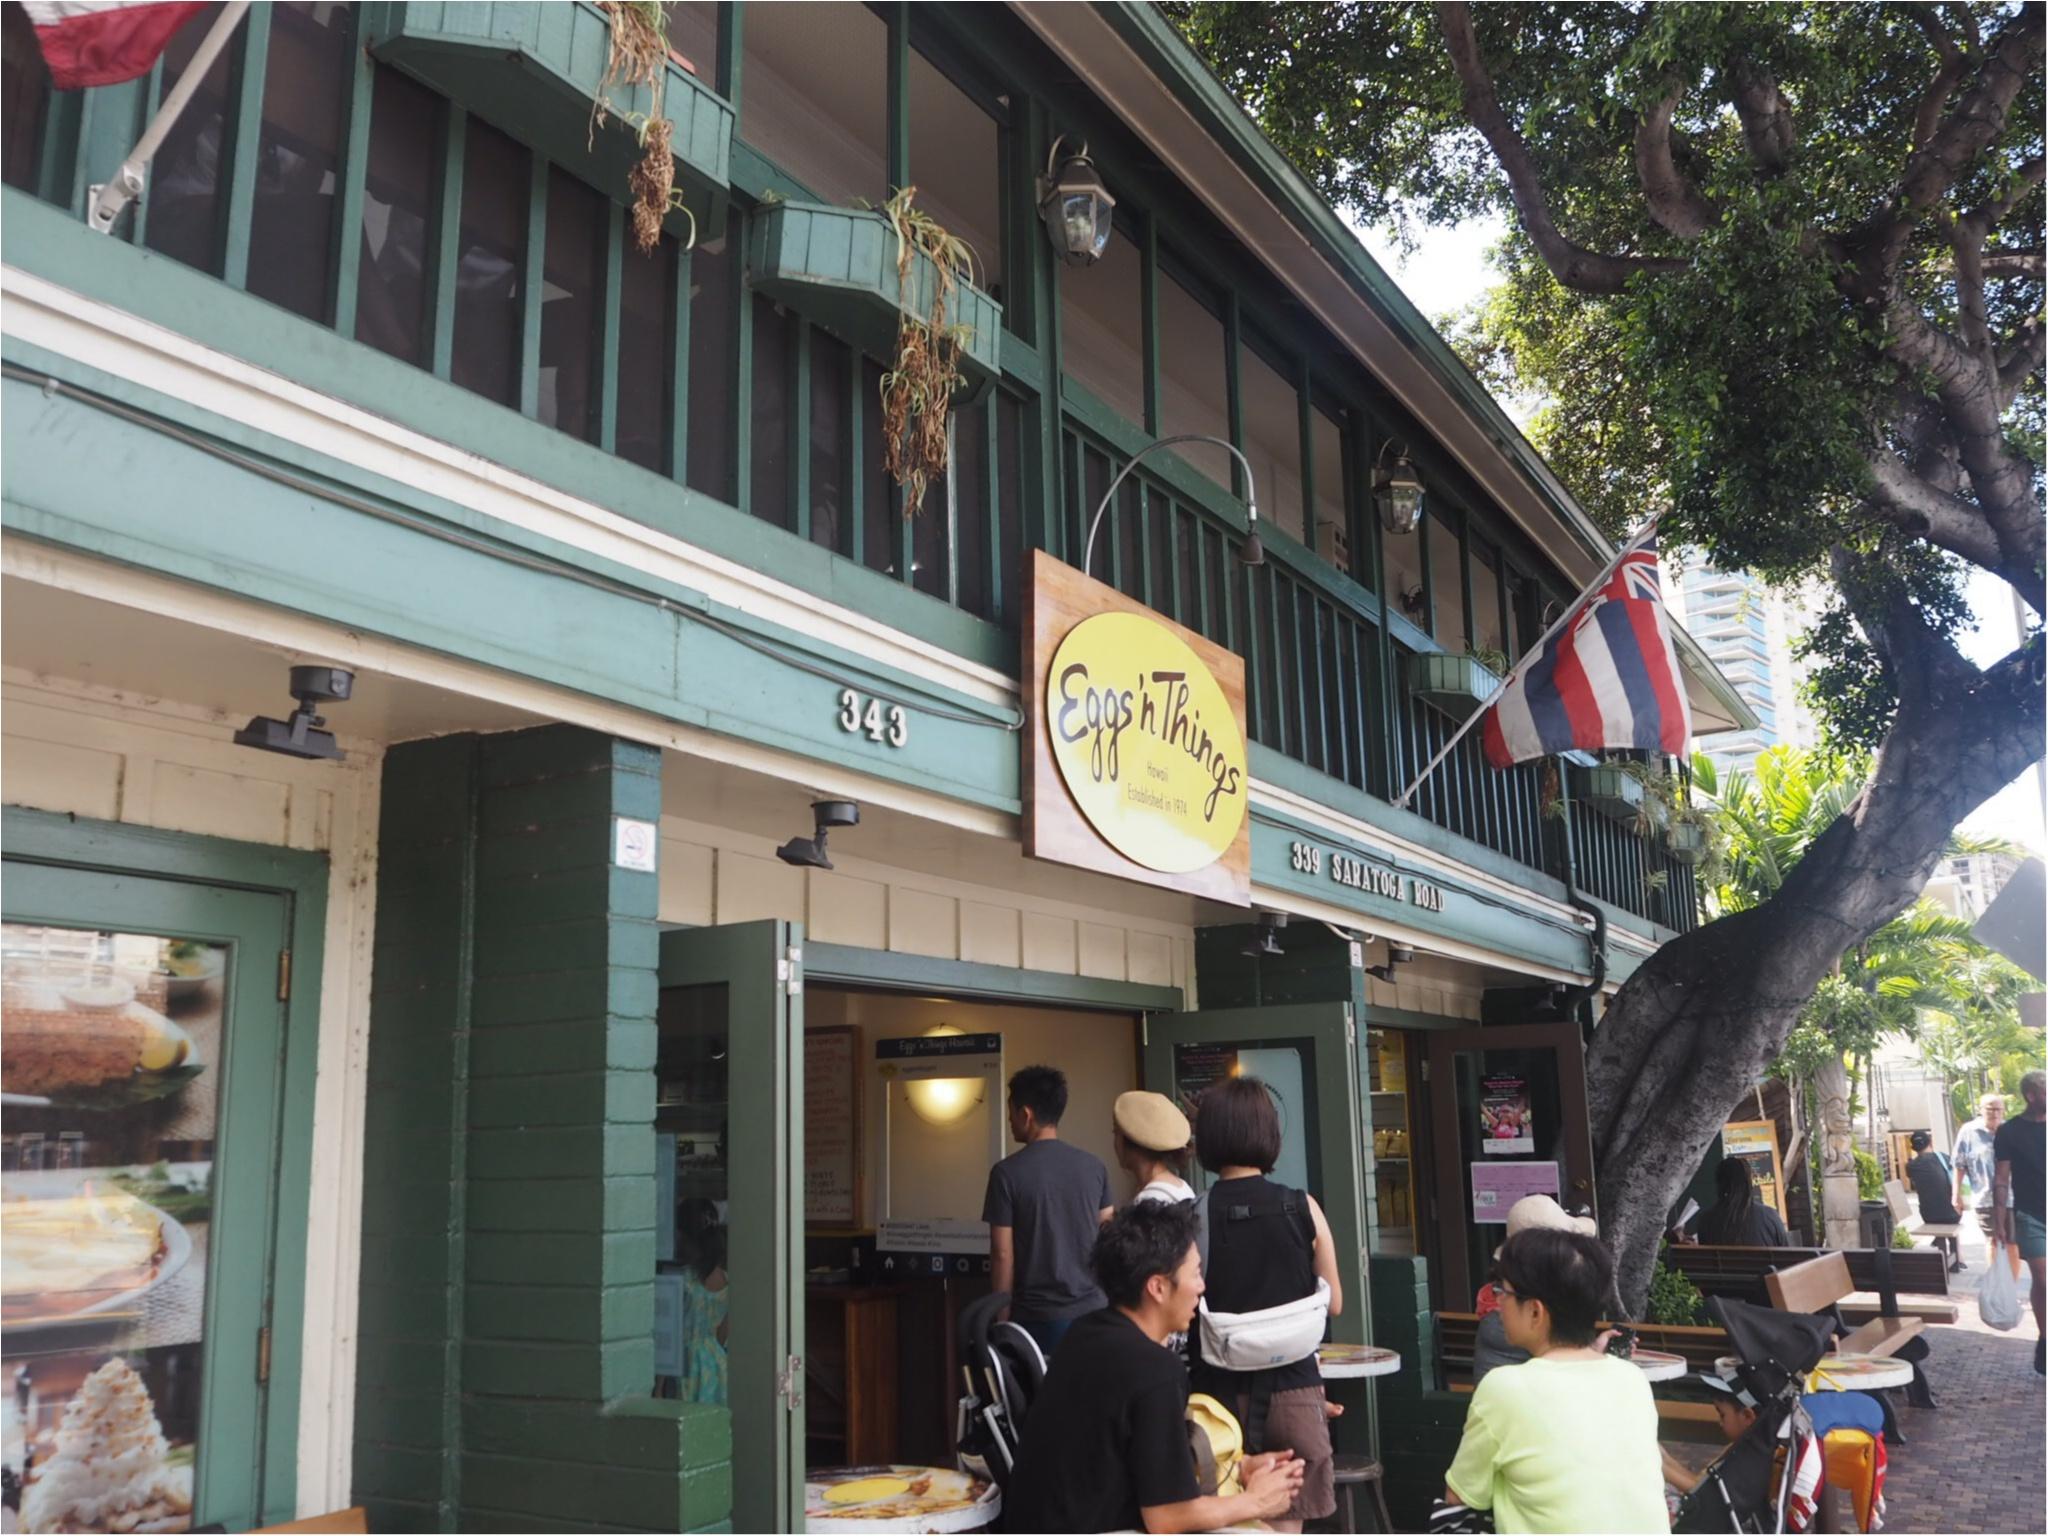 ハワイ/ホノルルをおさんぽ♪カップがかわいいと話題のコーヒースタンド♡_6